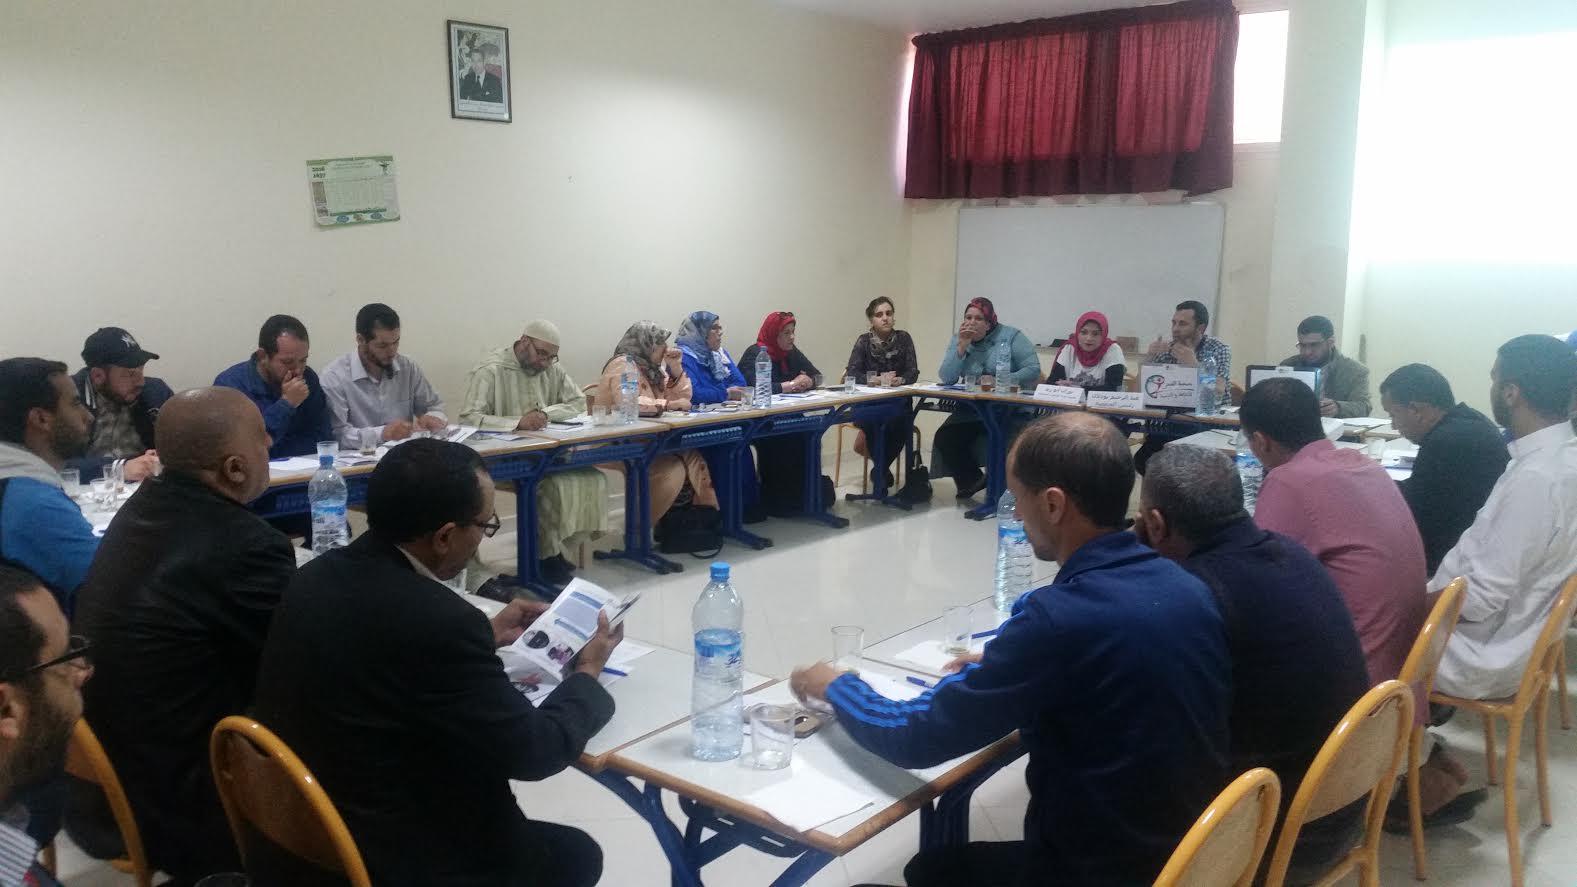 لقاء تواصلي مع منخرطي و متعاطفي جمعية الثقافة والتنمية بالجديدة